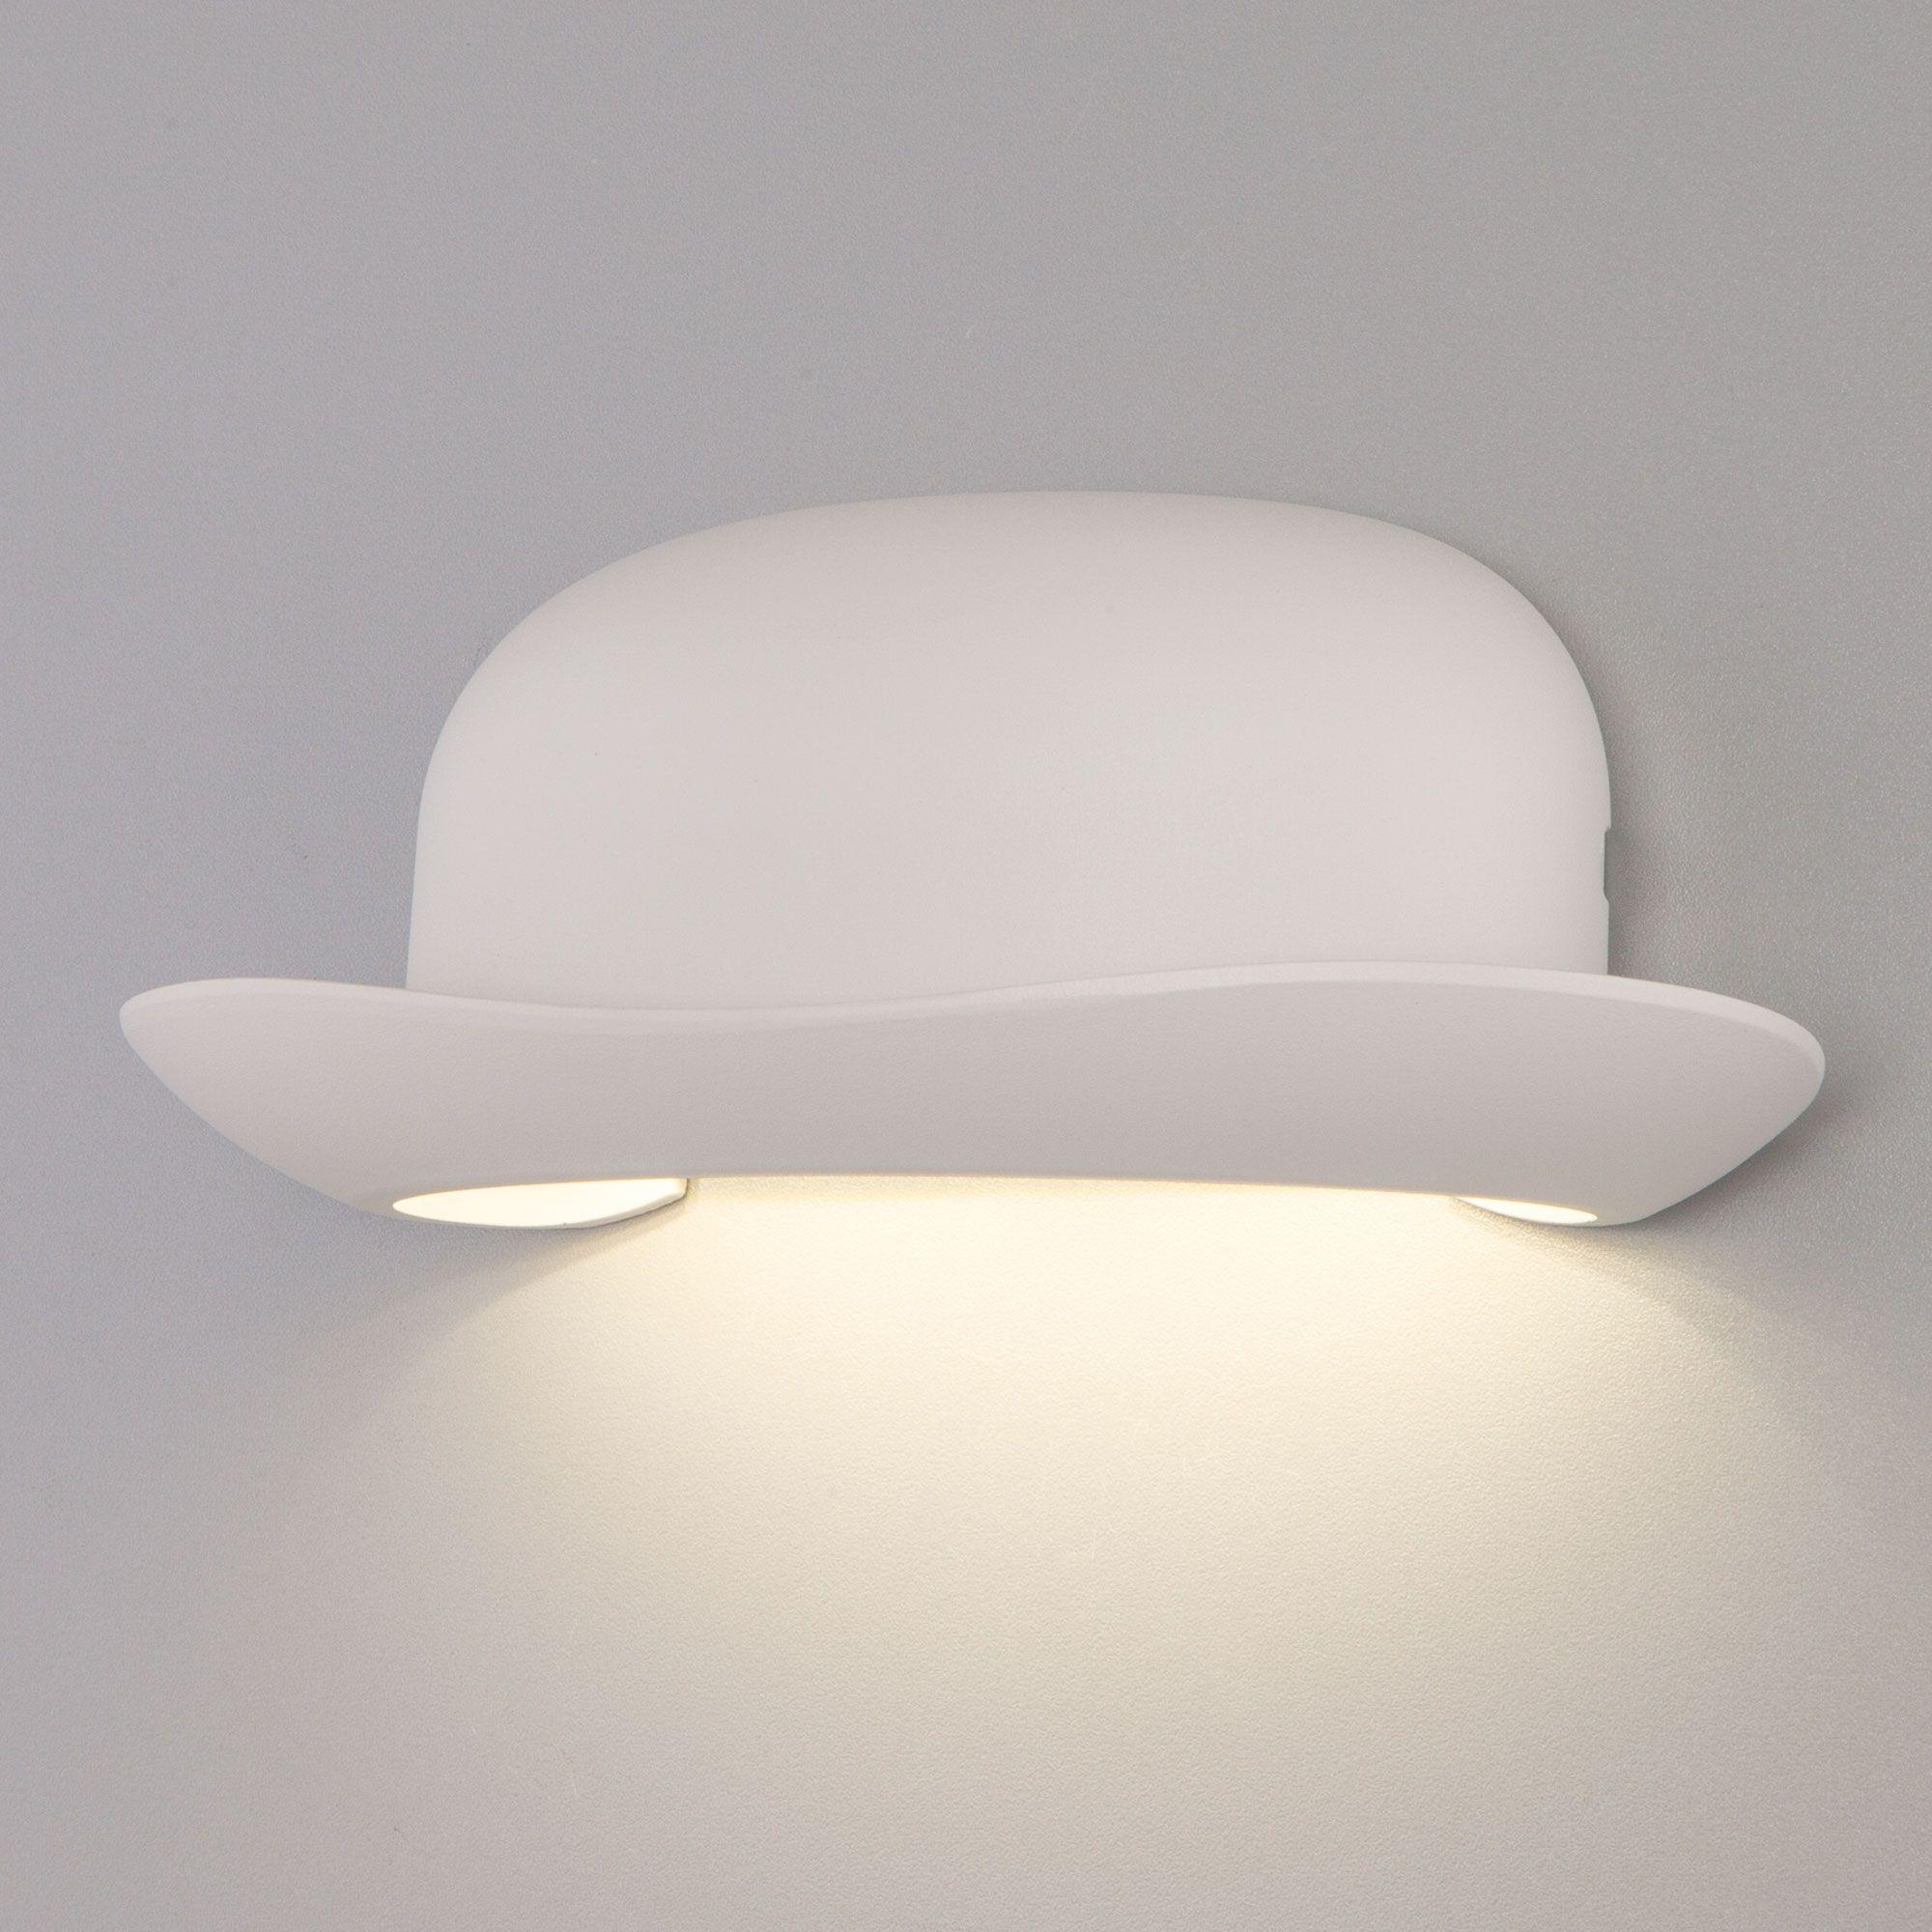 Настенный светодиодный светильник Keip LED белый (MRL LED 1011)